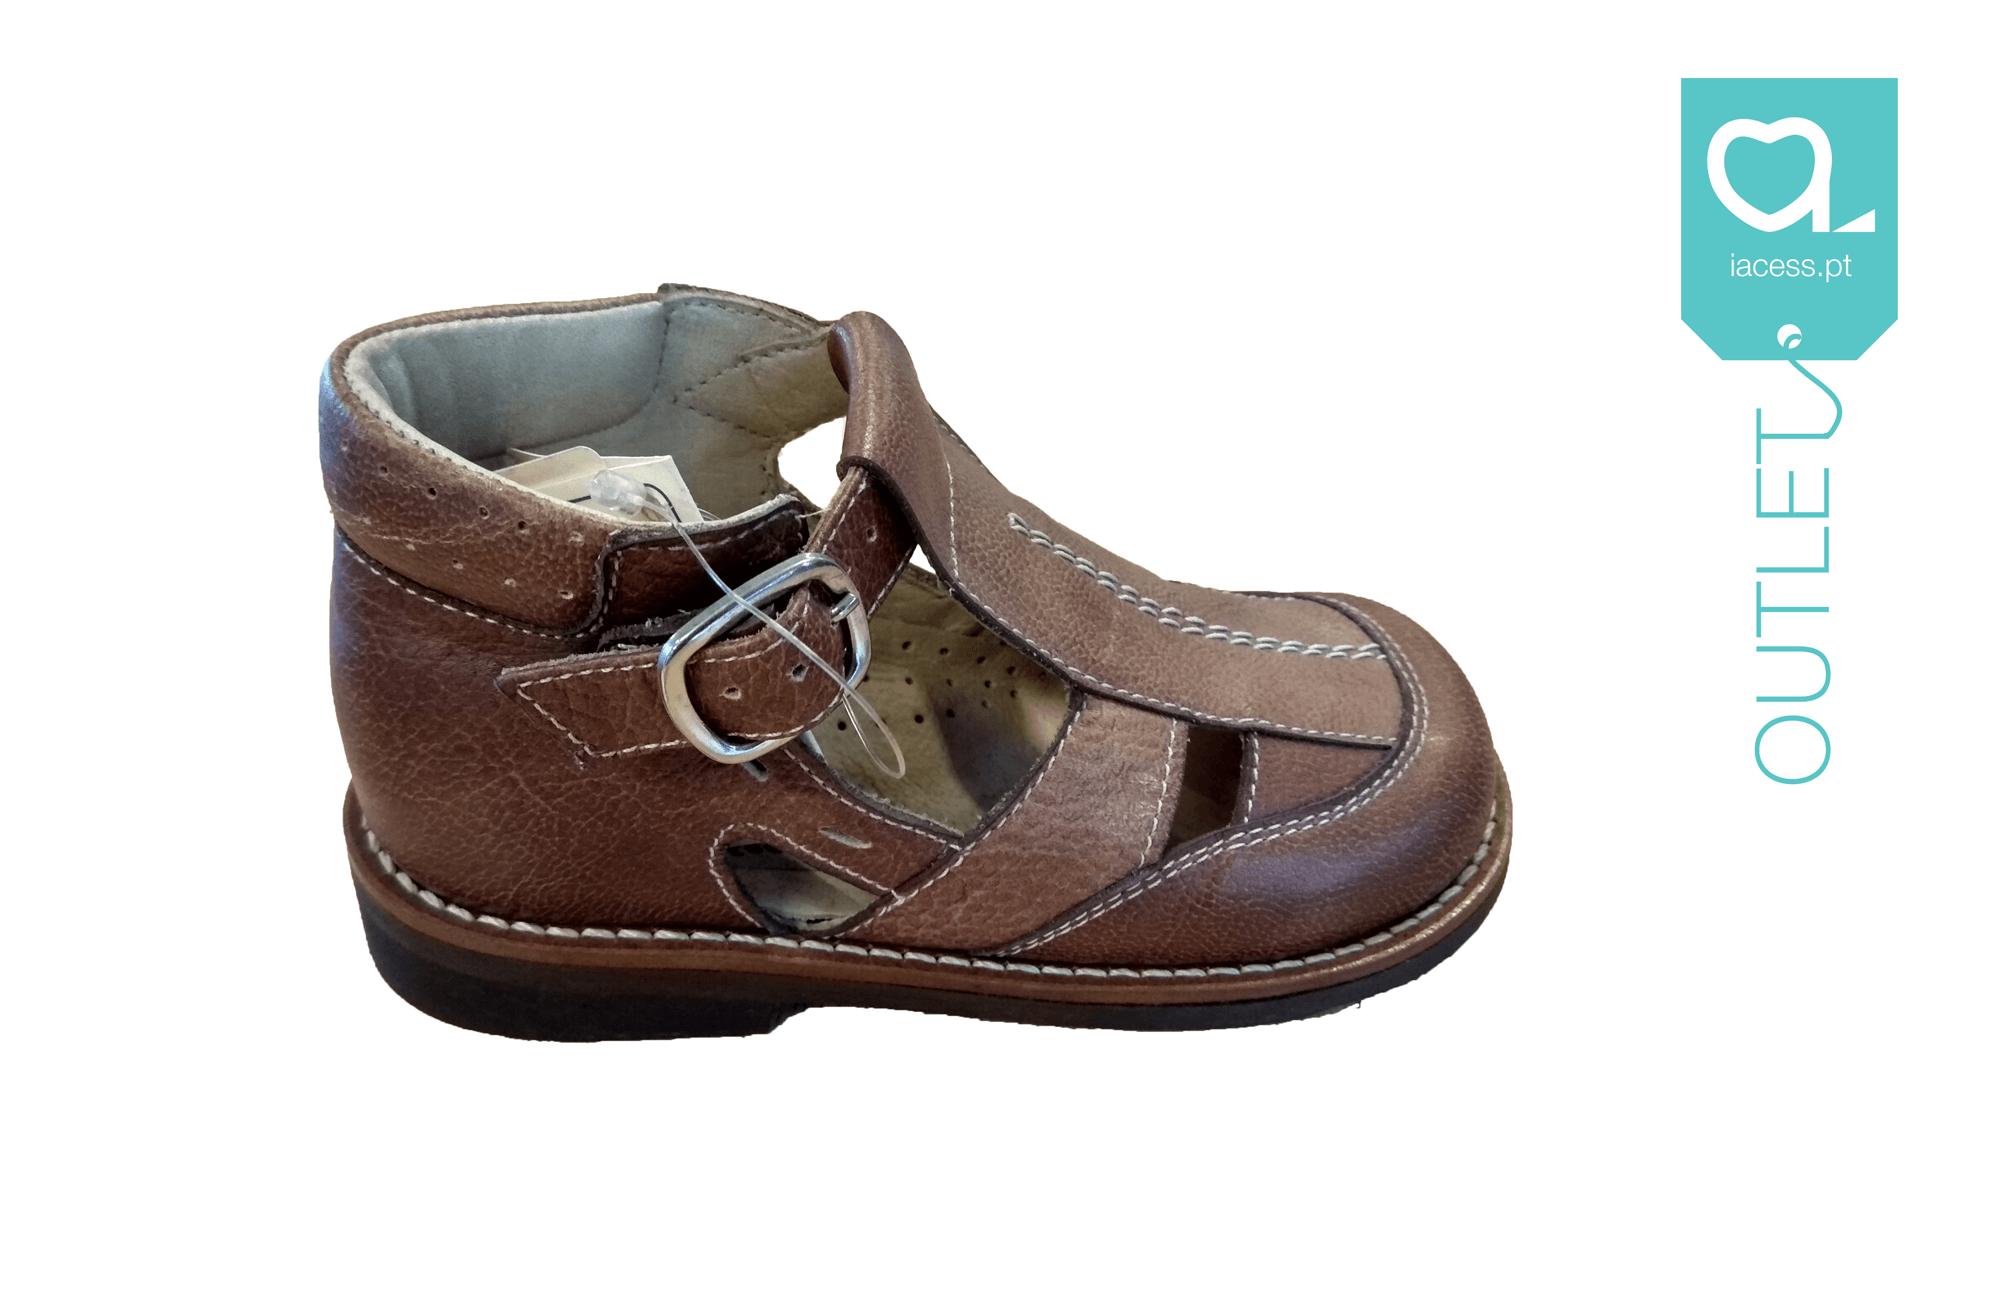 Sandálias Ortopédicas Castanhas da Marca Paquito.